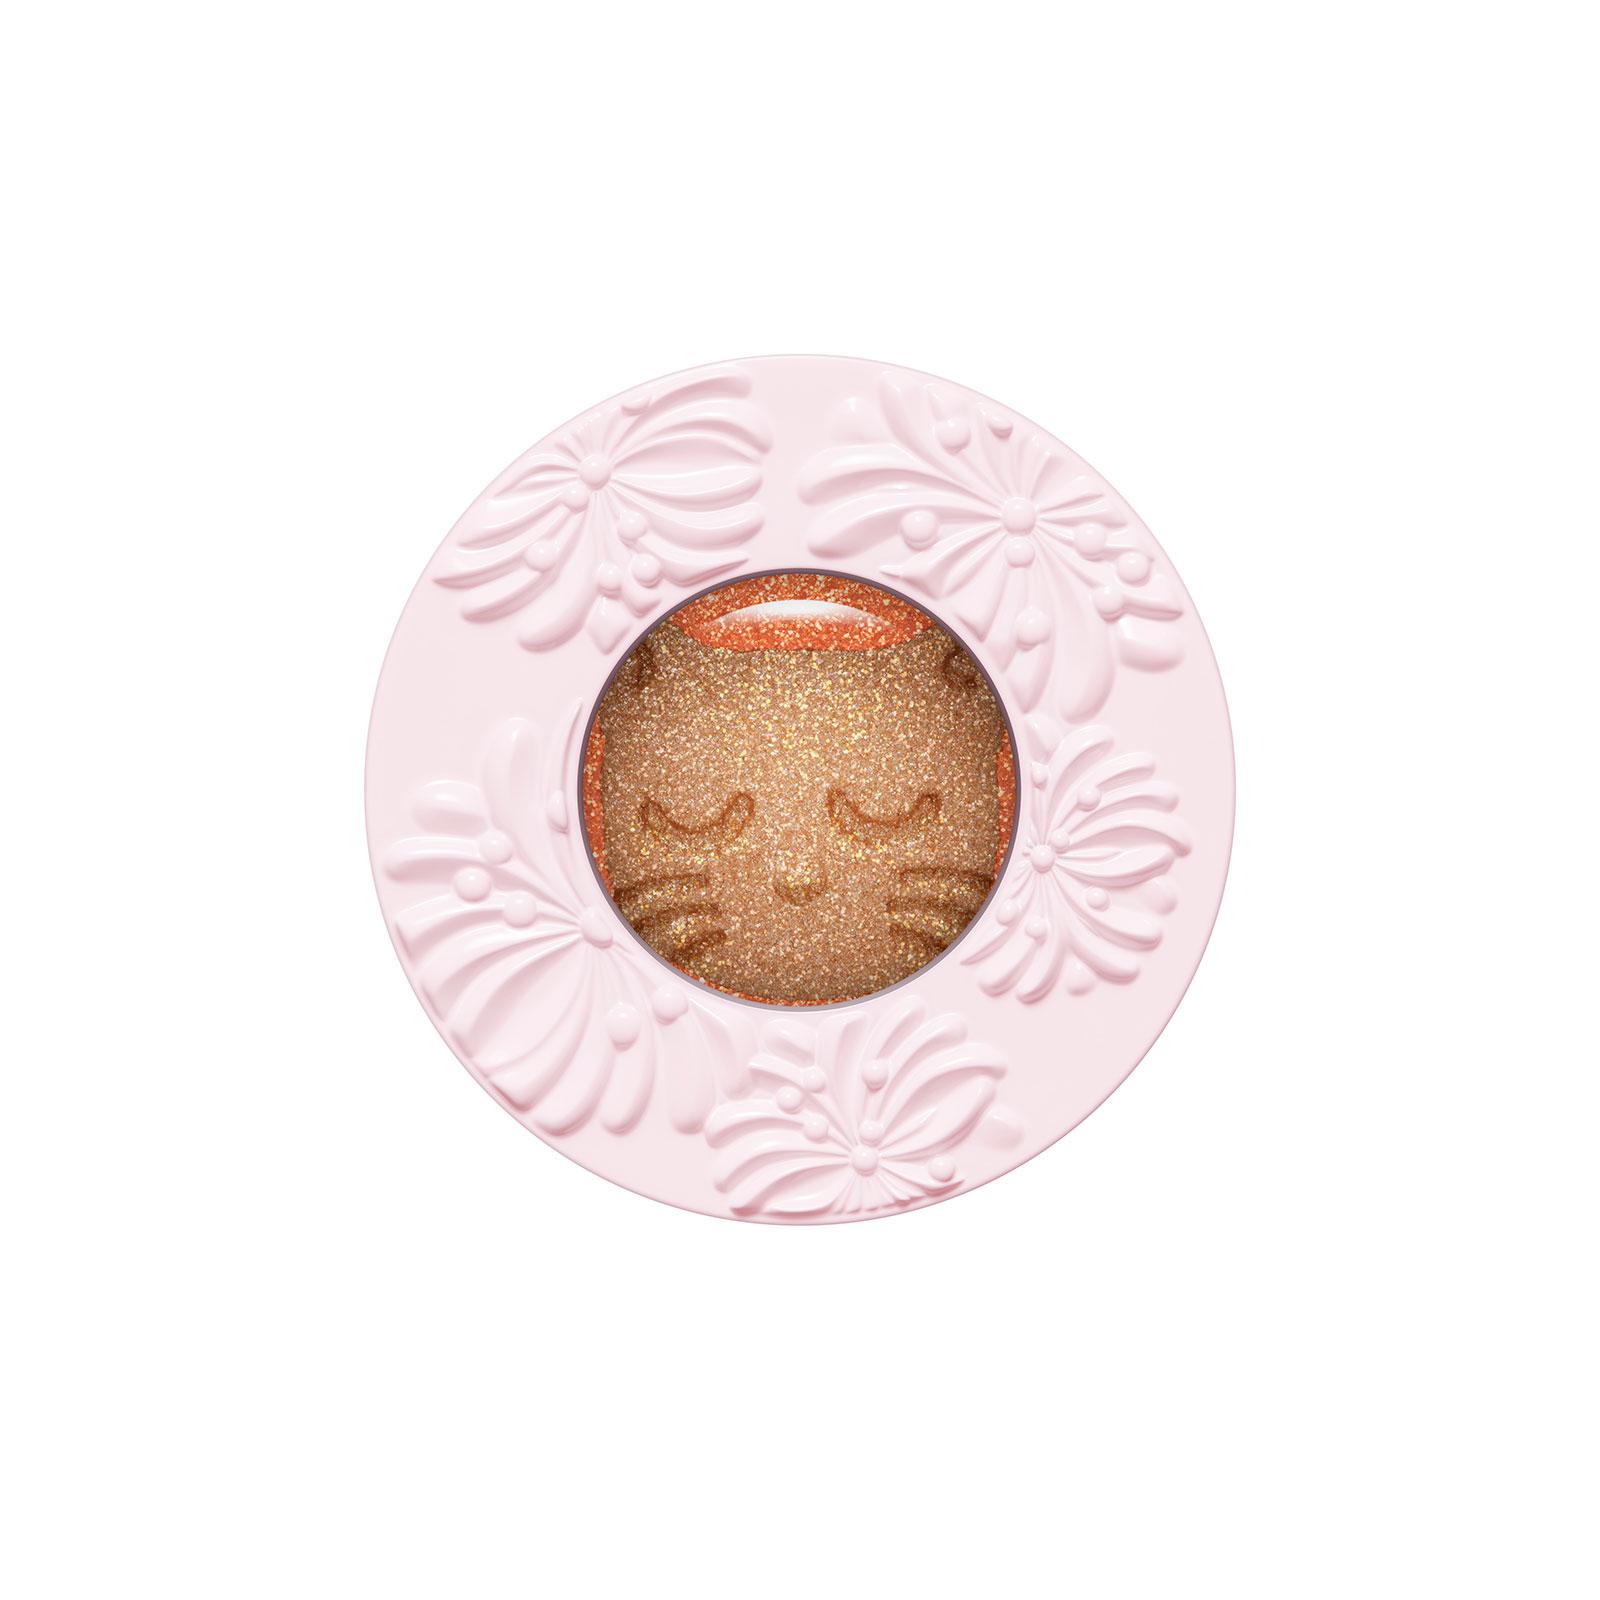 PAUL & JOE スパークリング アイカラー リミテッド ¥3,000 (5月1日限定発売)